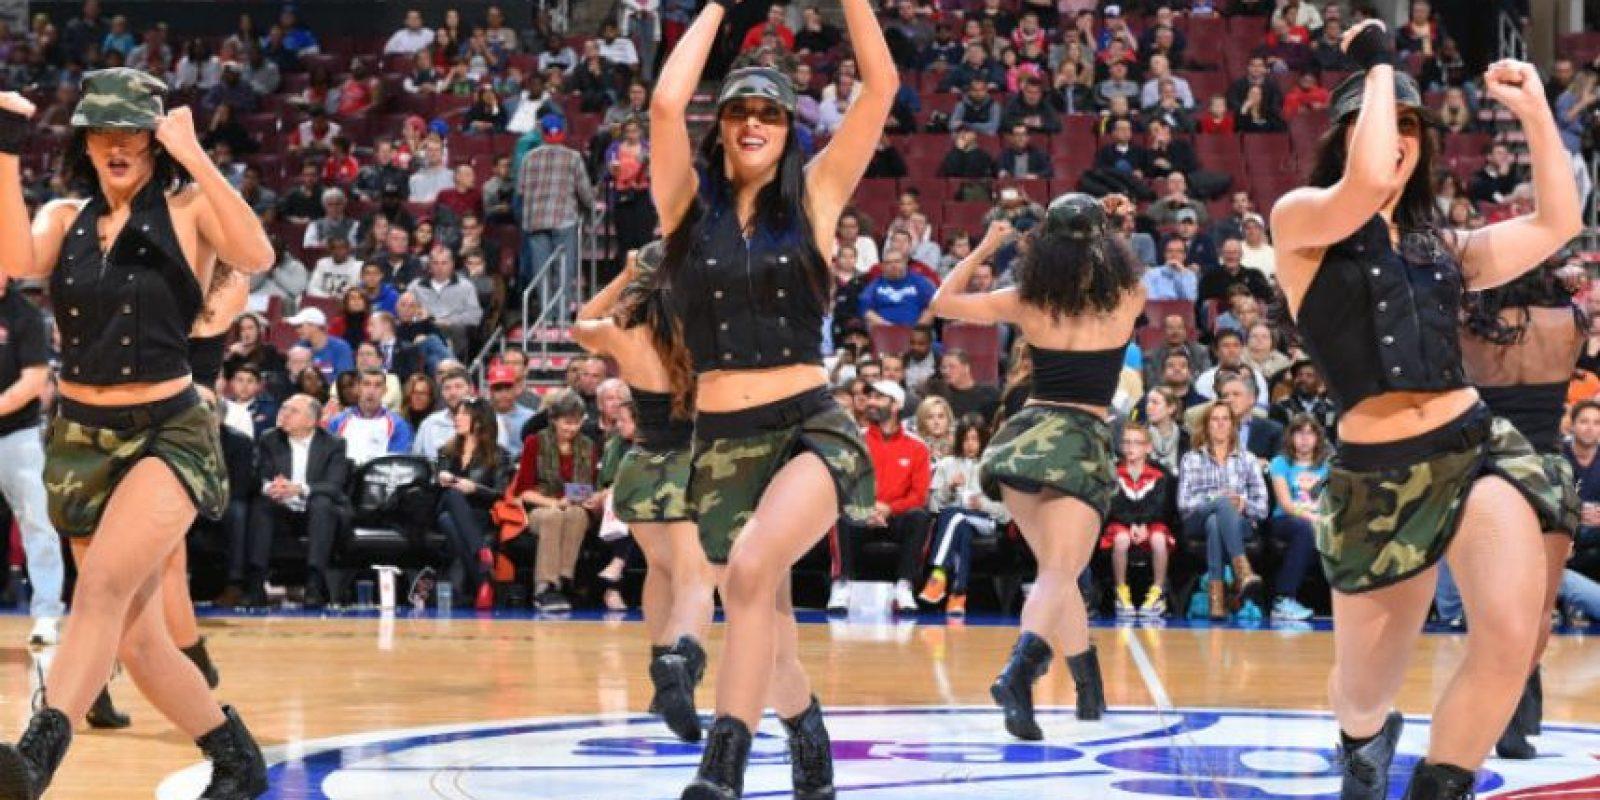 Con uniformes militares, estas bellezas animan el juego entre los Chicago Bulls y Philadelphia. Foto:AFP